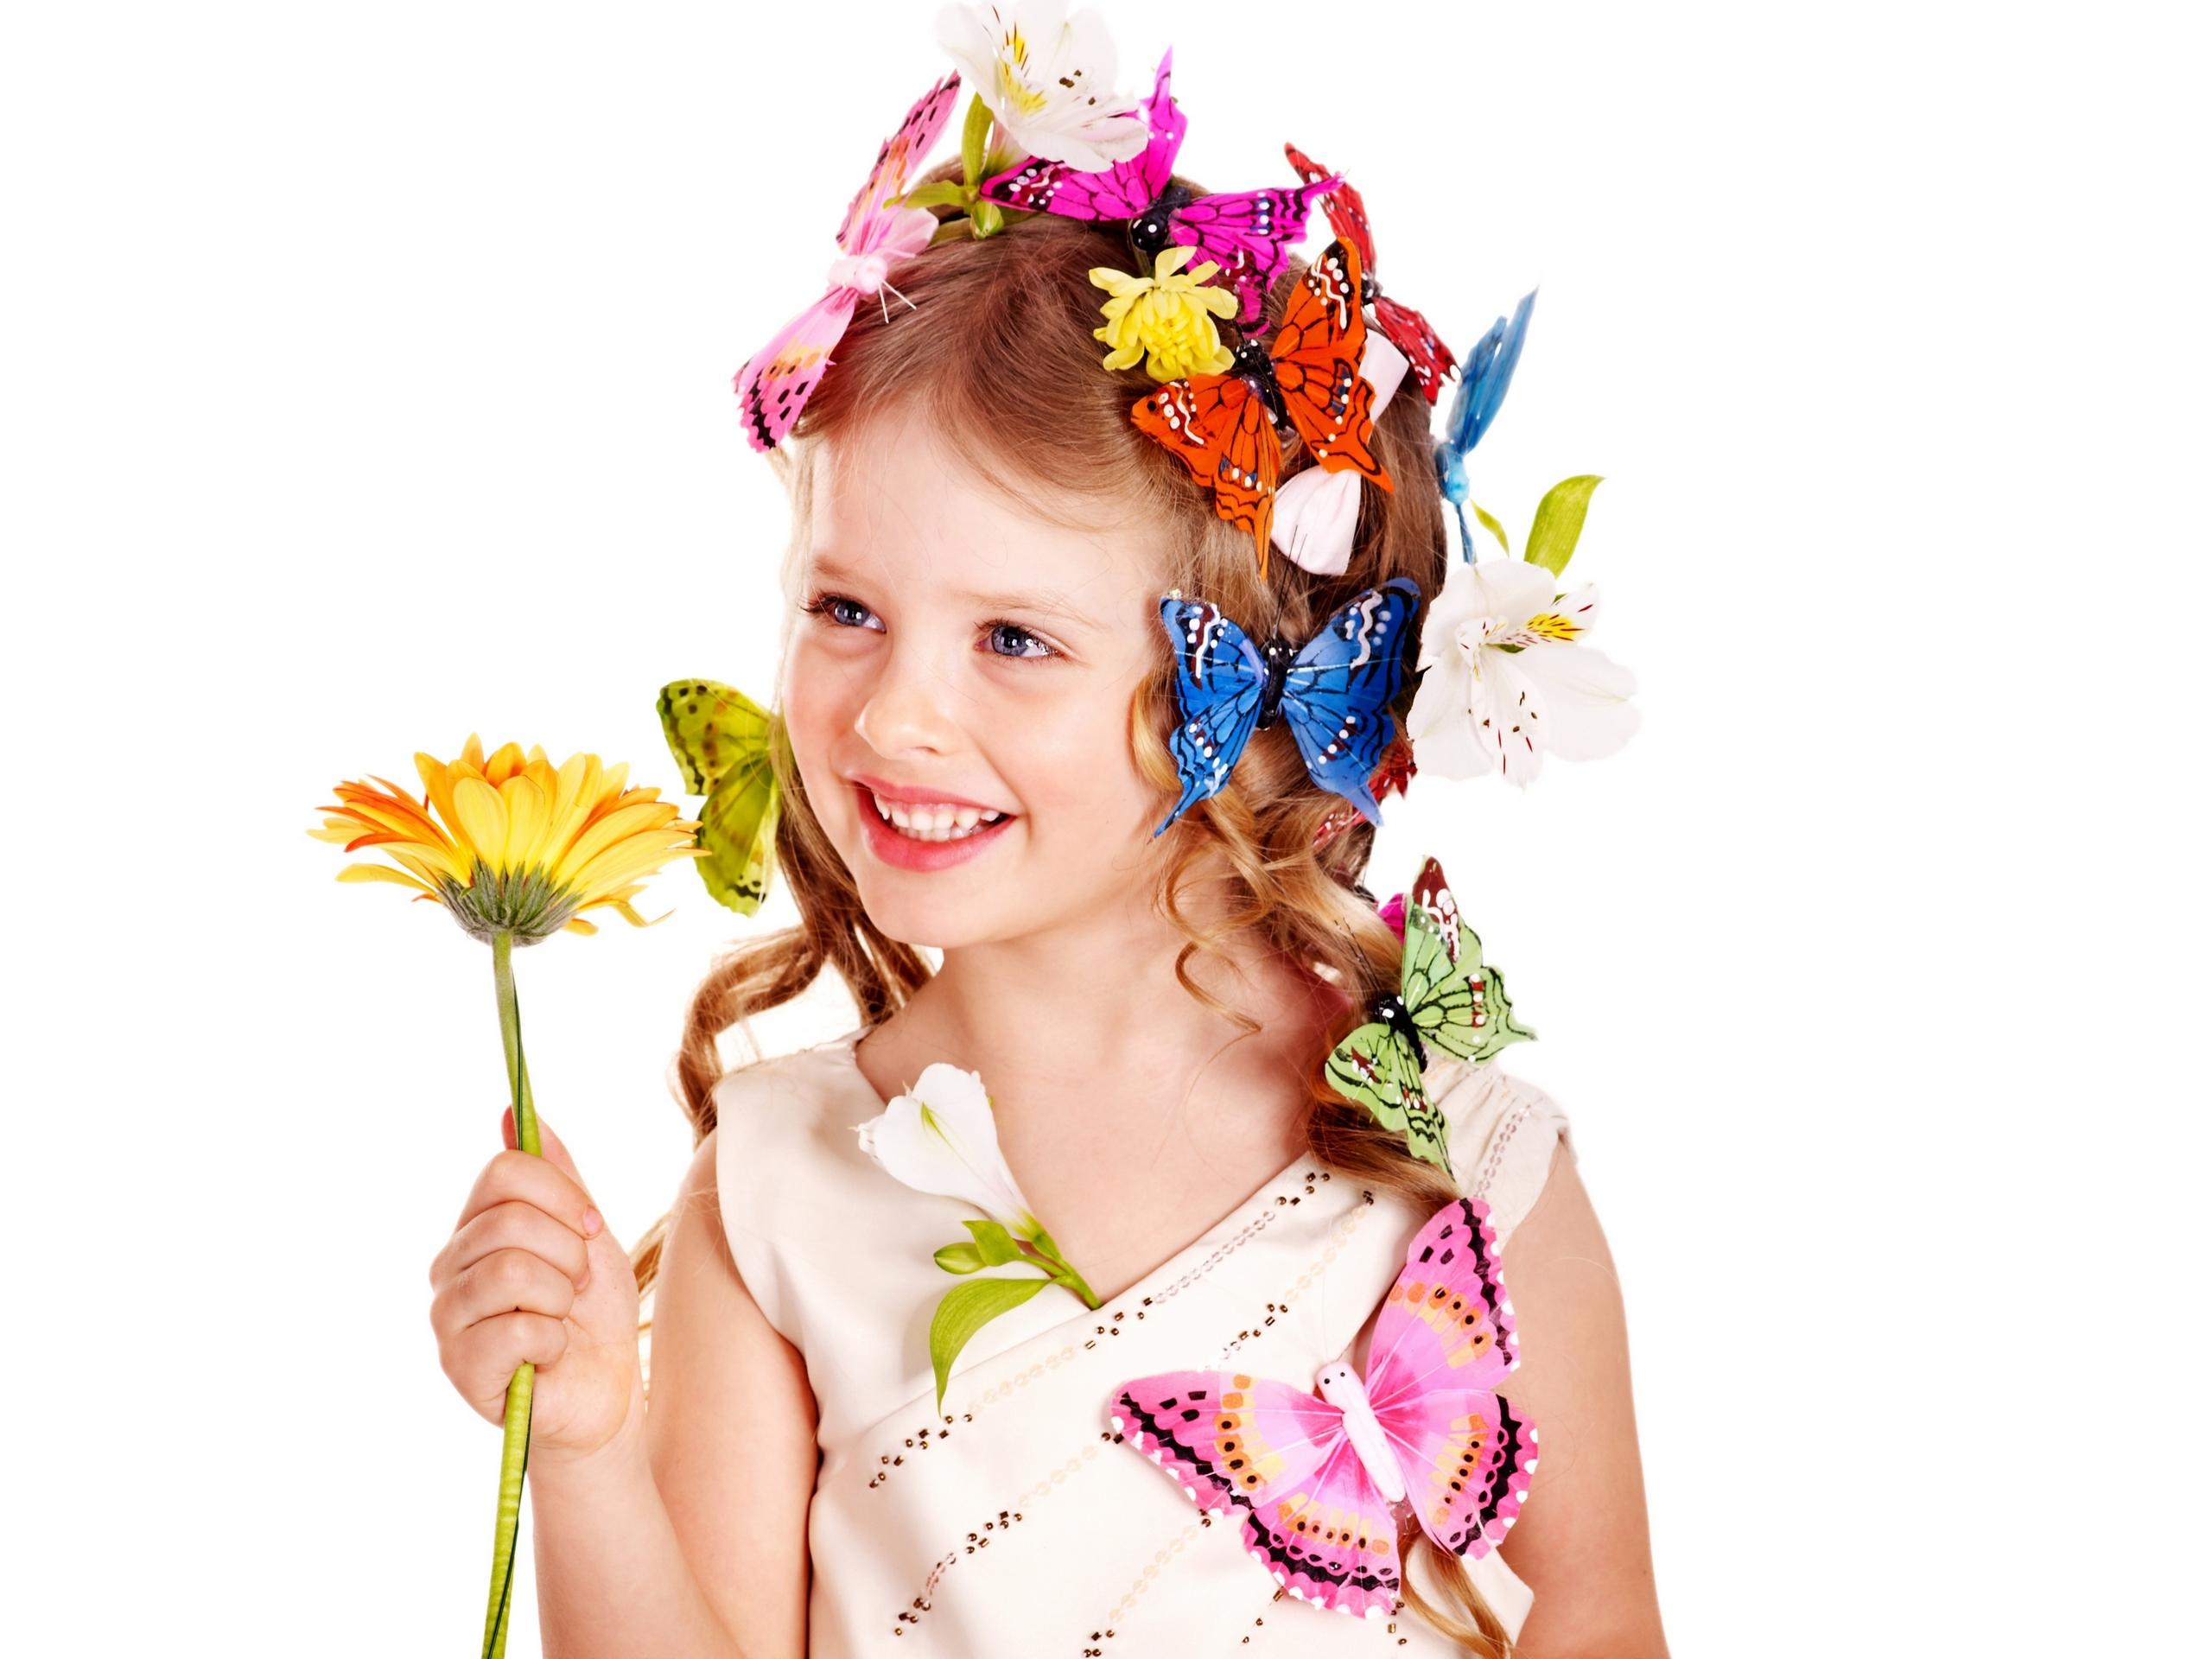 Картинка ребенок с цветами на прозрачном фоне, новогодних открыток для